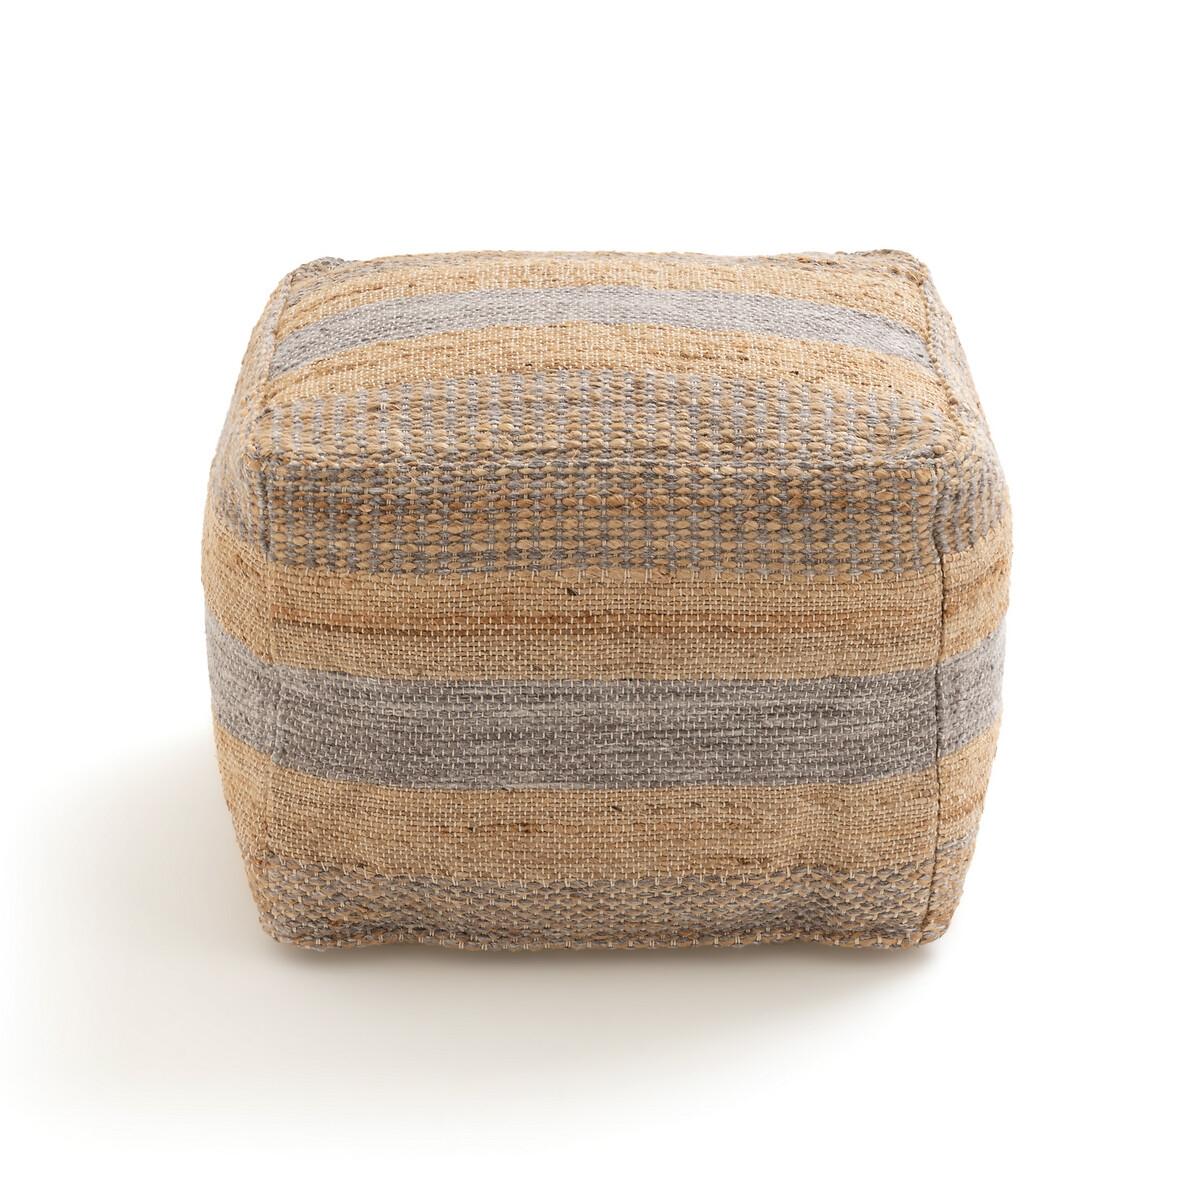 Фото - Пуф LaRedoute Из джута и шерсти Touba единый размер бежевый ковер laredoute из джута и хлопка пастельных тонов bazyli 120 x 180 см разноцветный